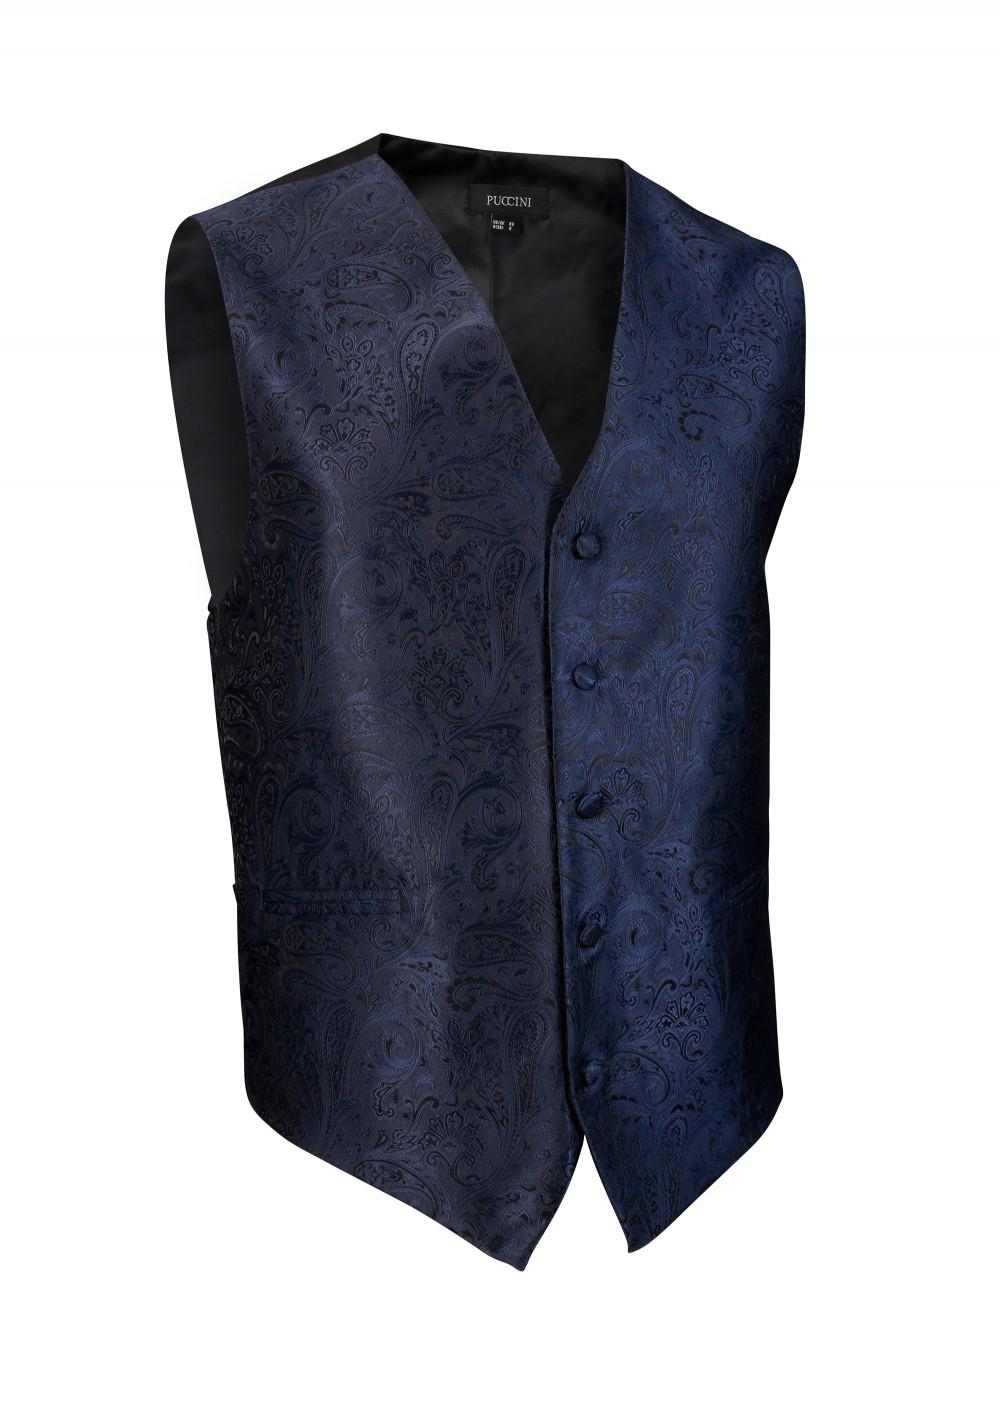 Mens Paisley Dark Blue Navy Textured Formal Vest